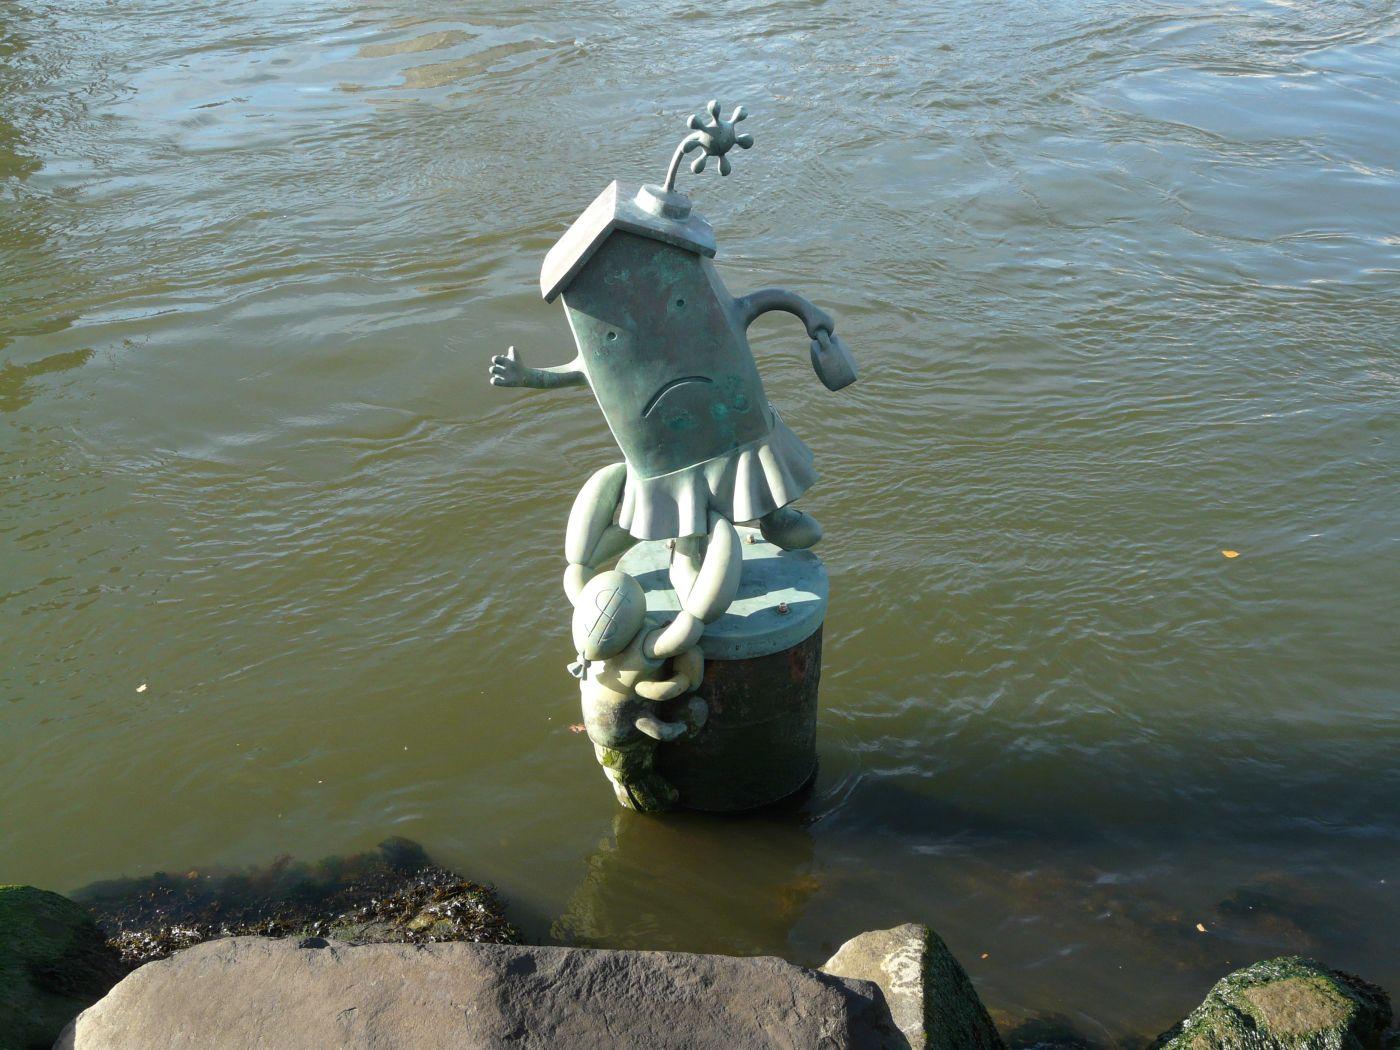 Skulptur im Wasser